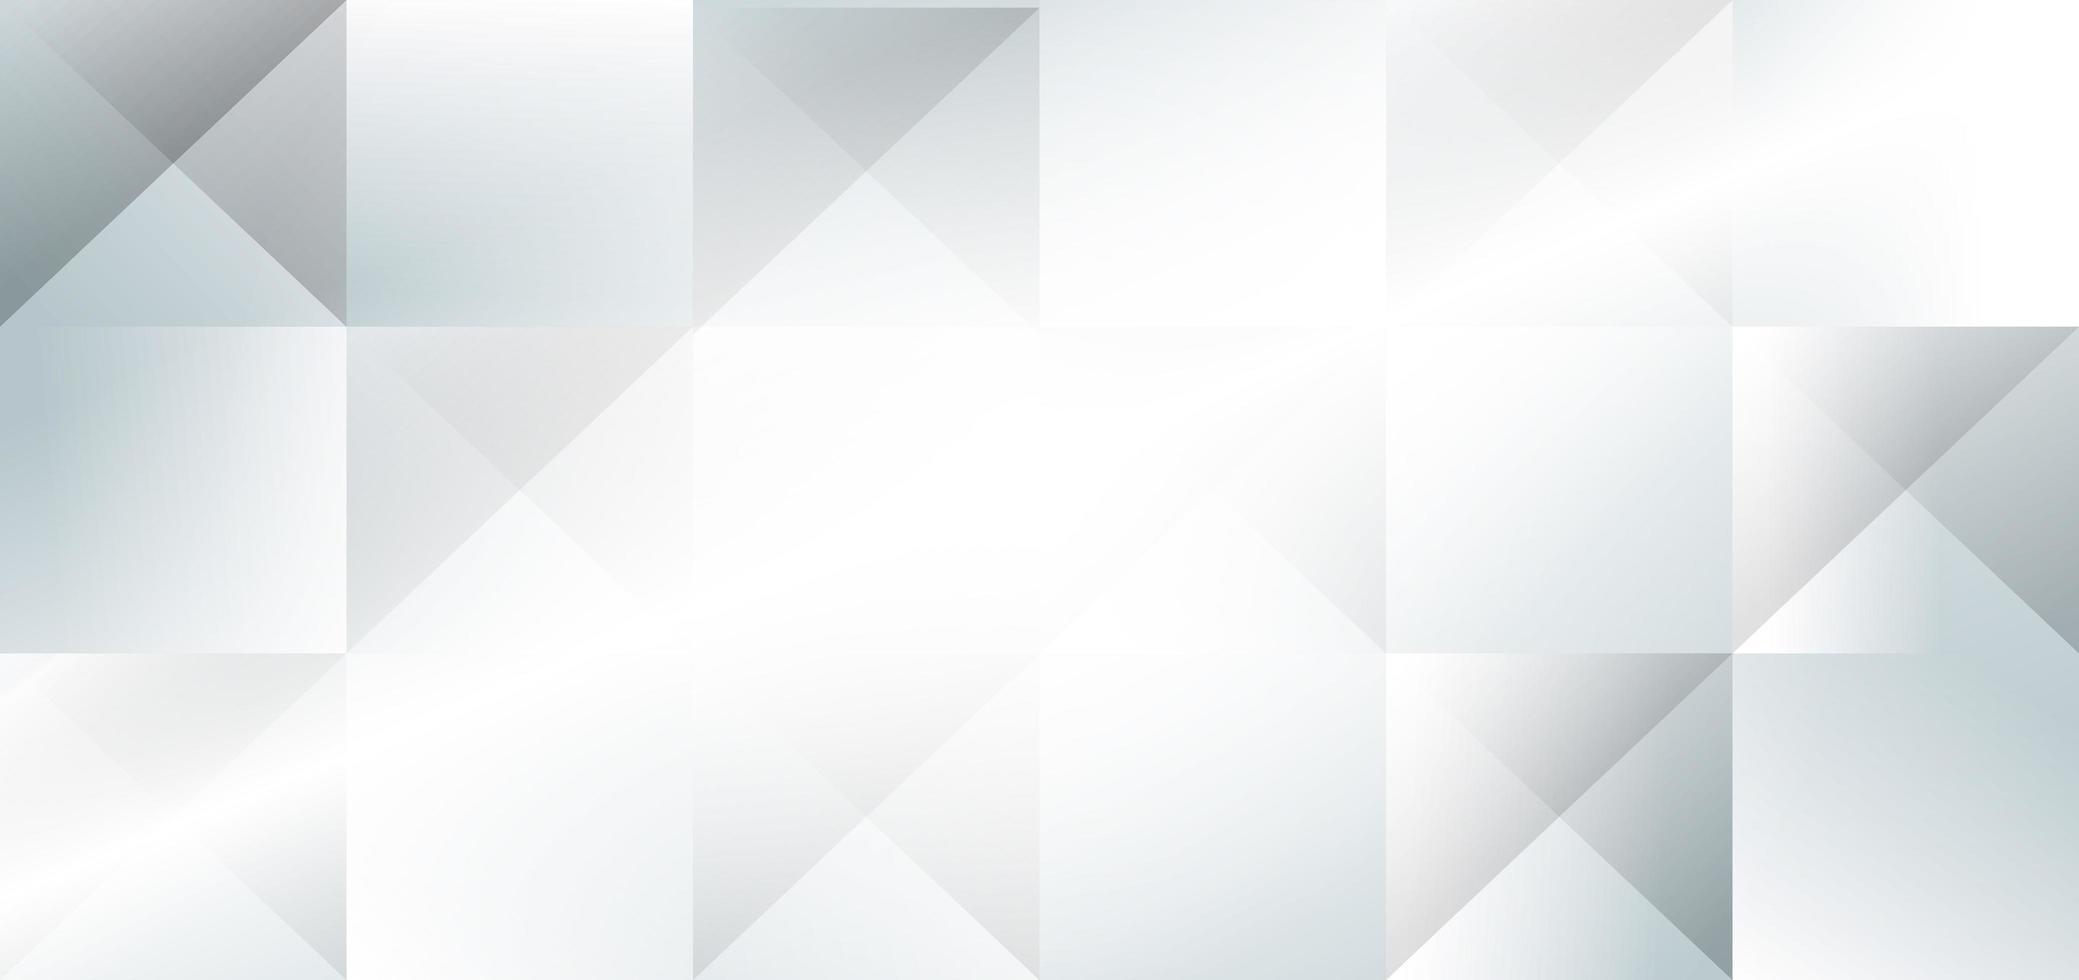 abstrakt banner med vita och grå geometriska element vektor